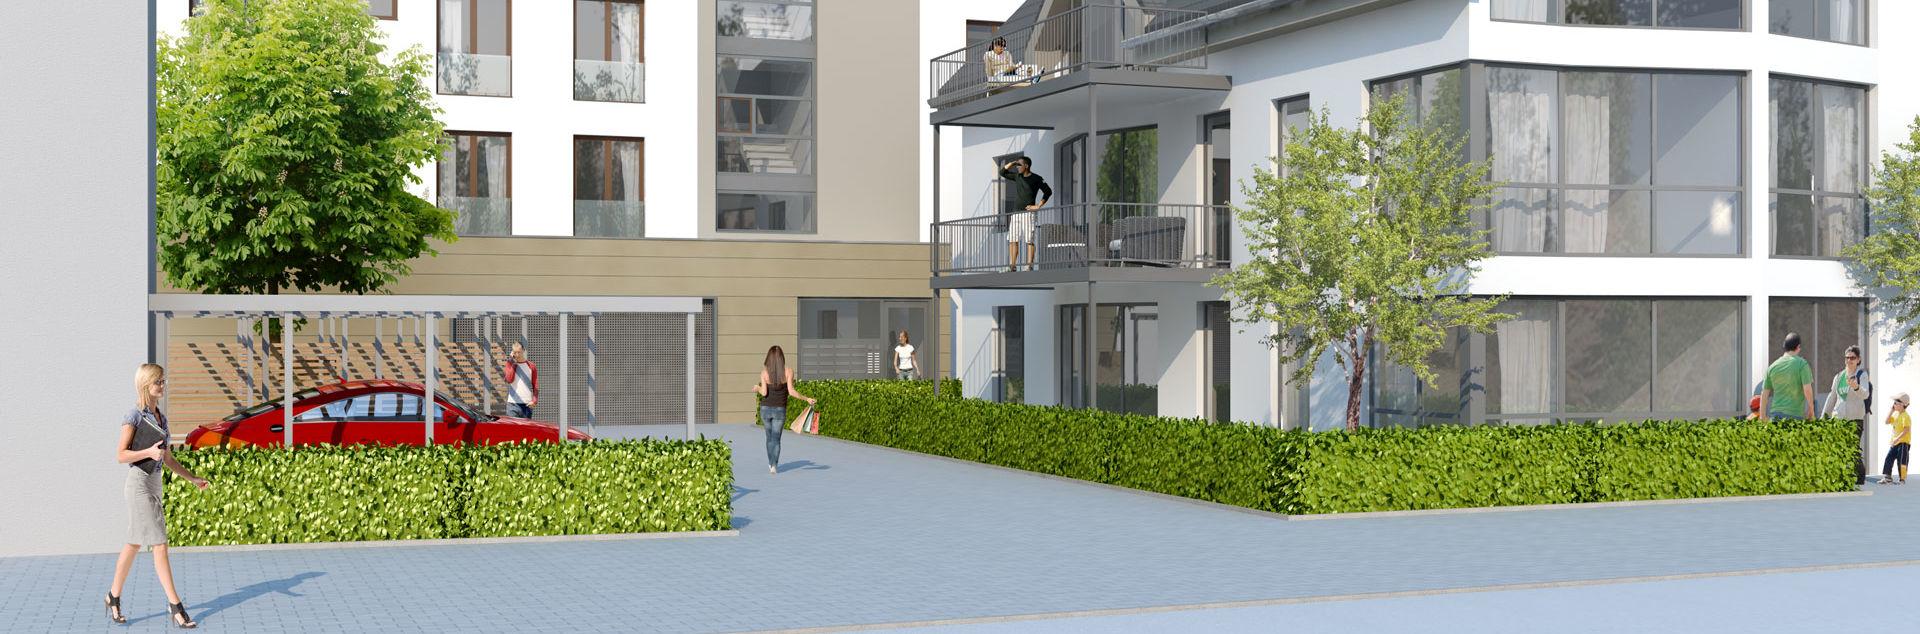 ES Wohnungsbaugesellschaft - Eschborn 19 - Außenansicht